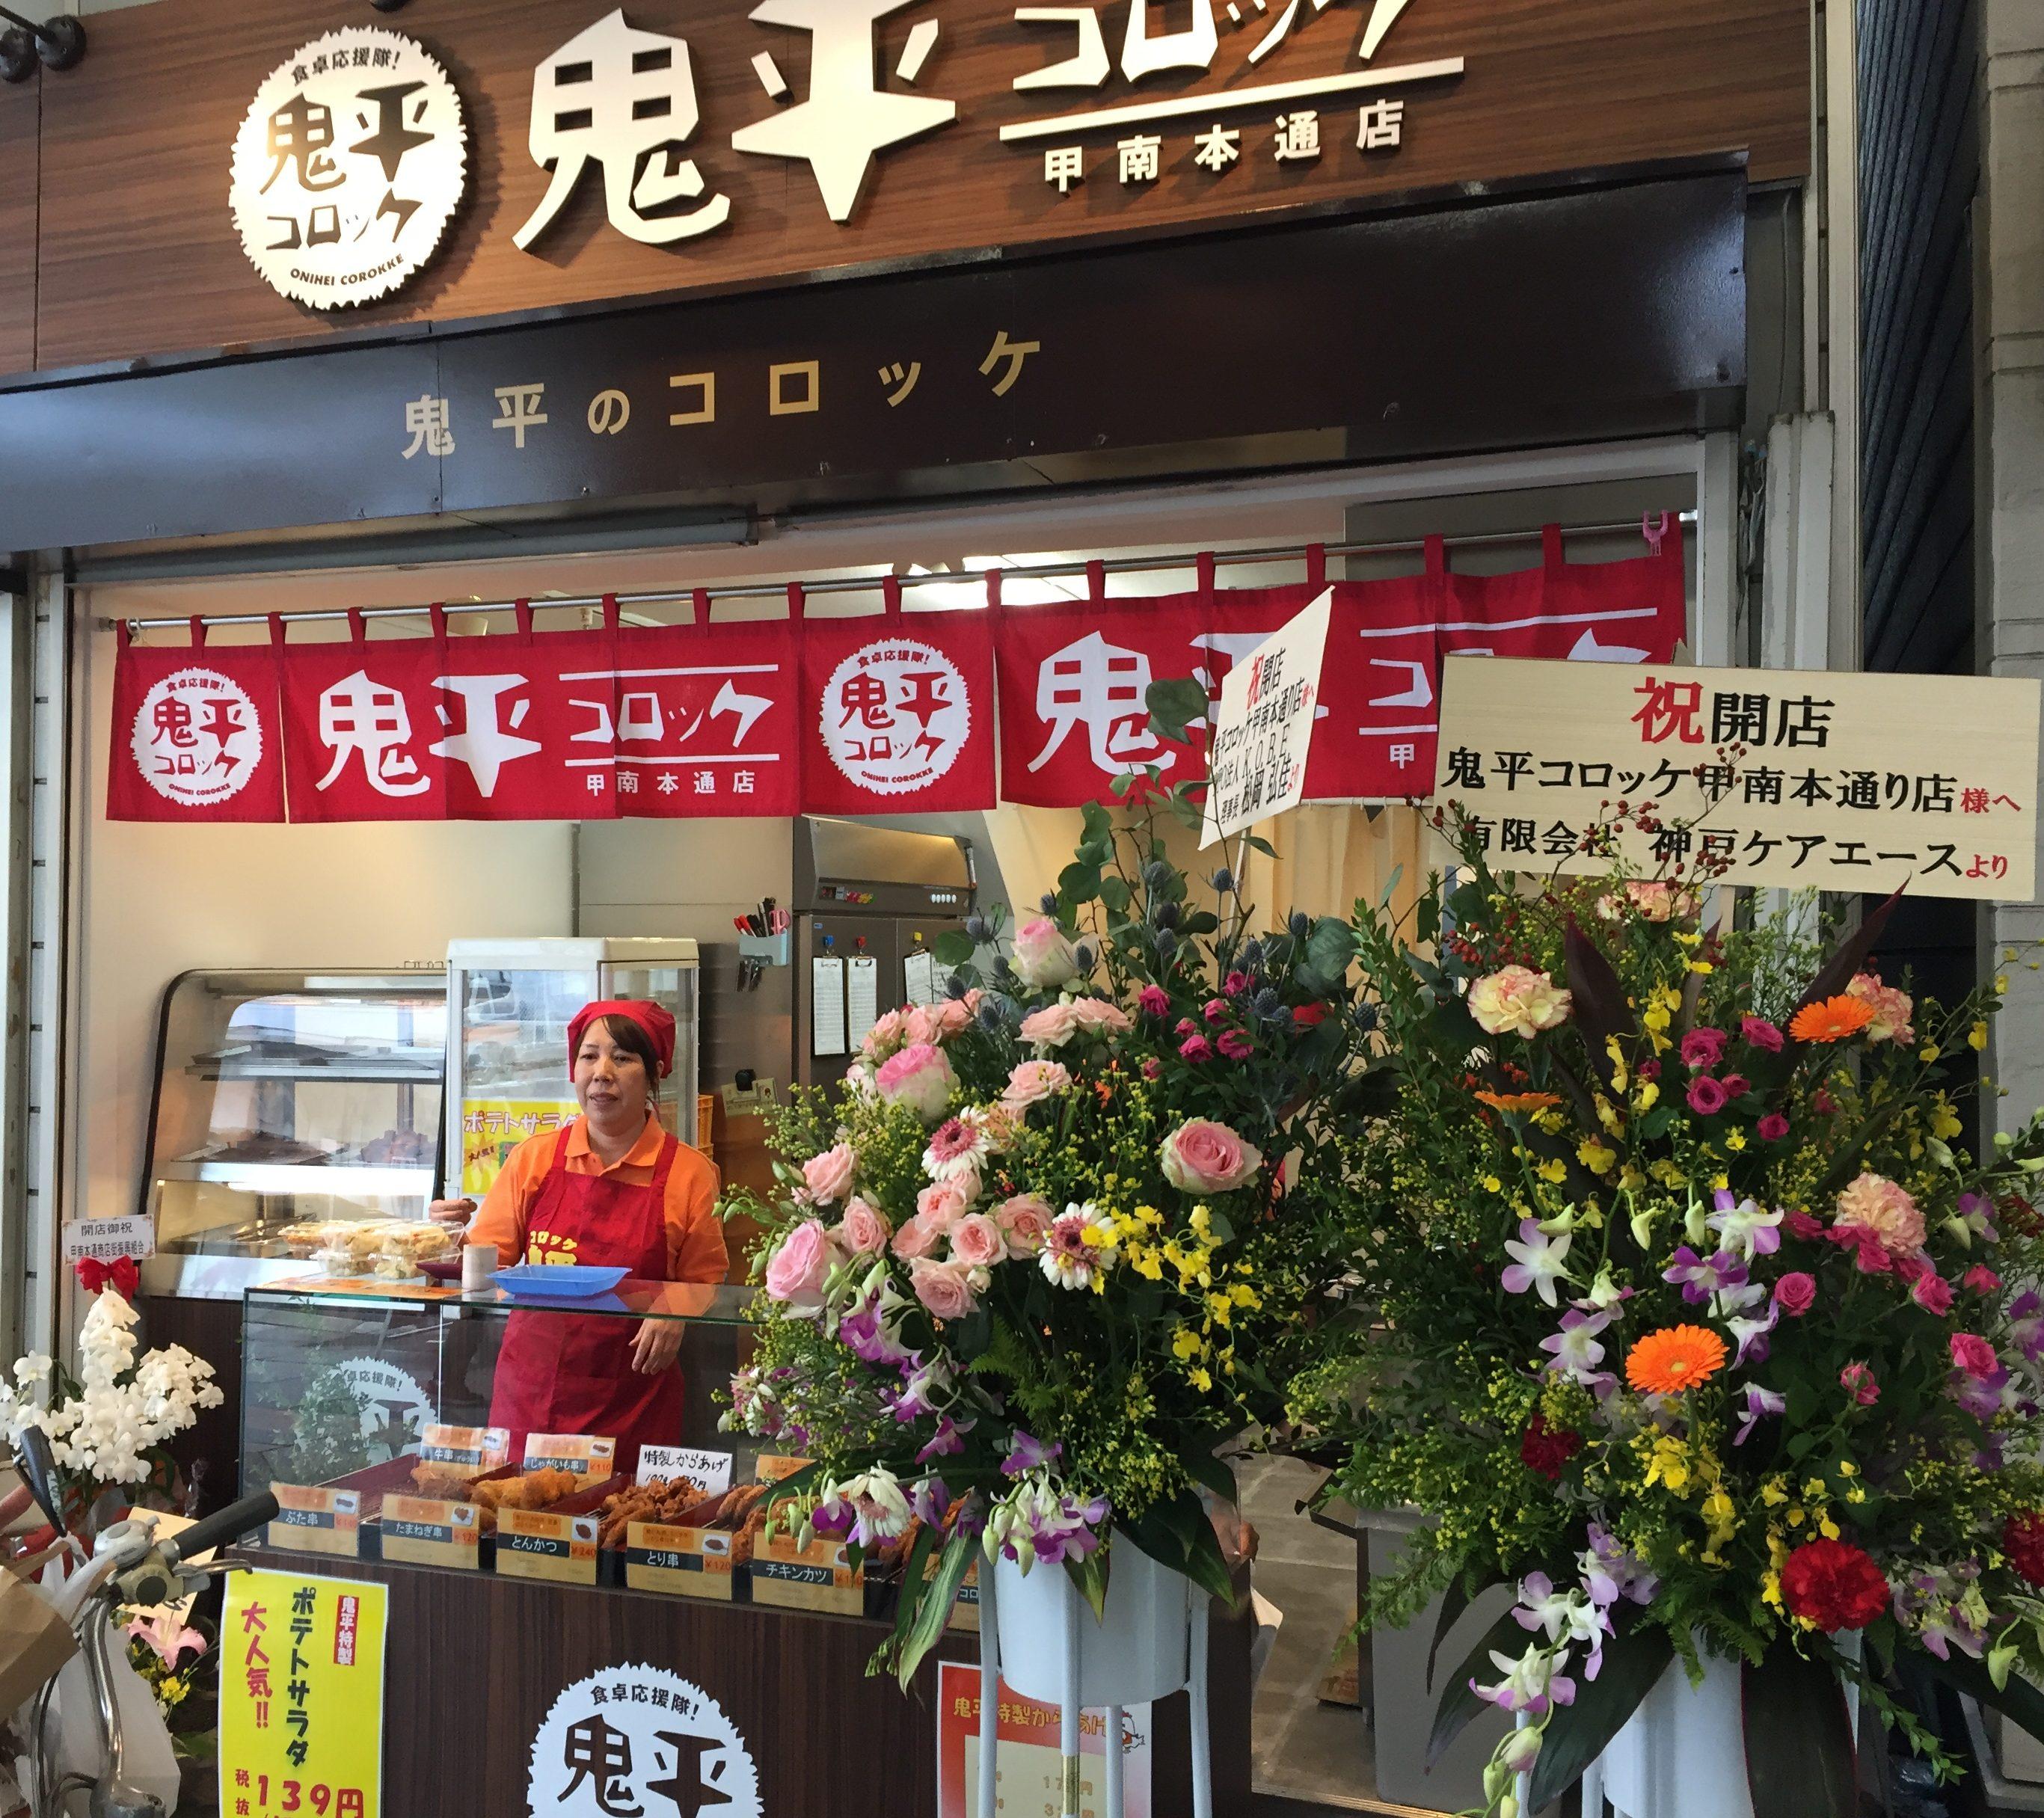 「鬼平コロッケ 甲南本通店」が10/27(木)にオープン!【※2017年閉店情報追加あり※】